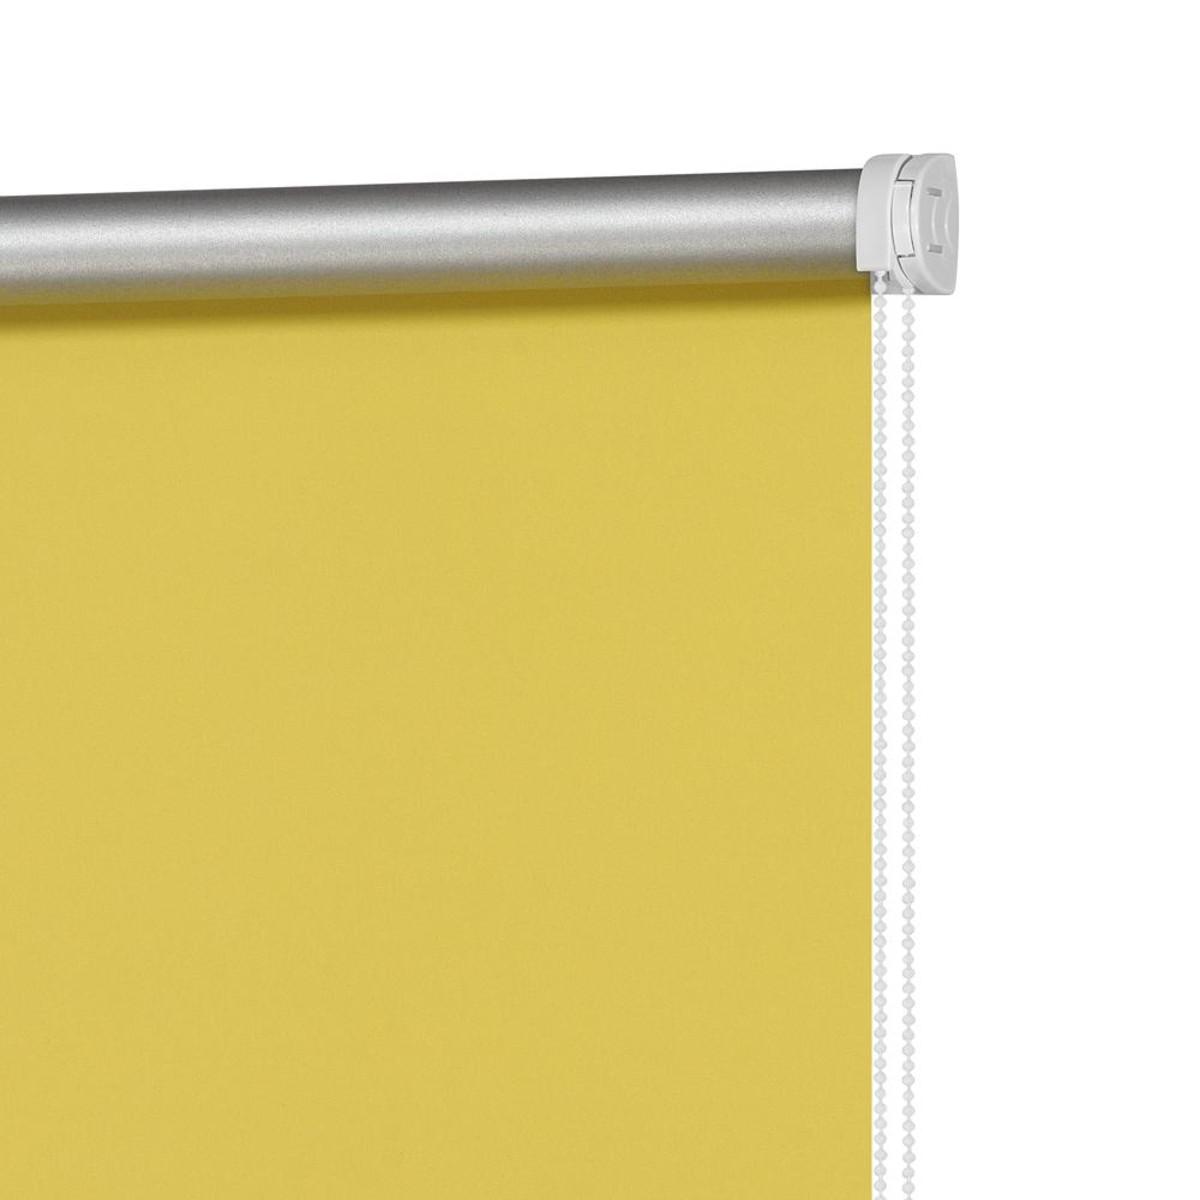 Рулонная Ора Decofest Блэкаут Плайн 80Х160 Цвет Желтый